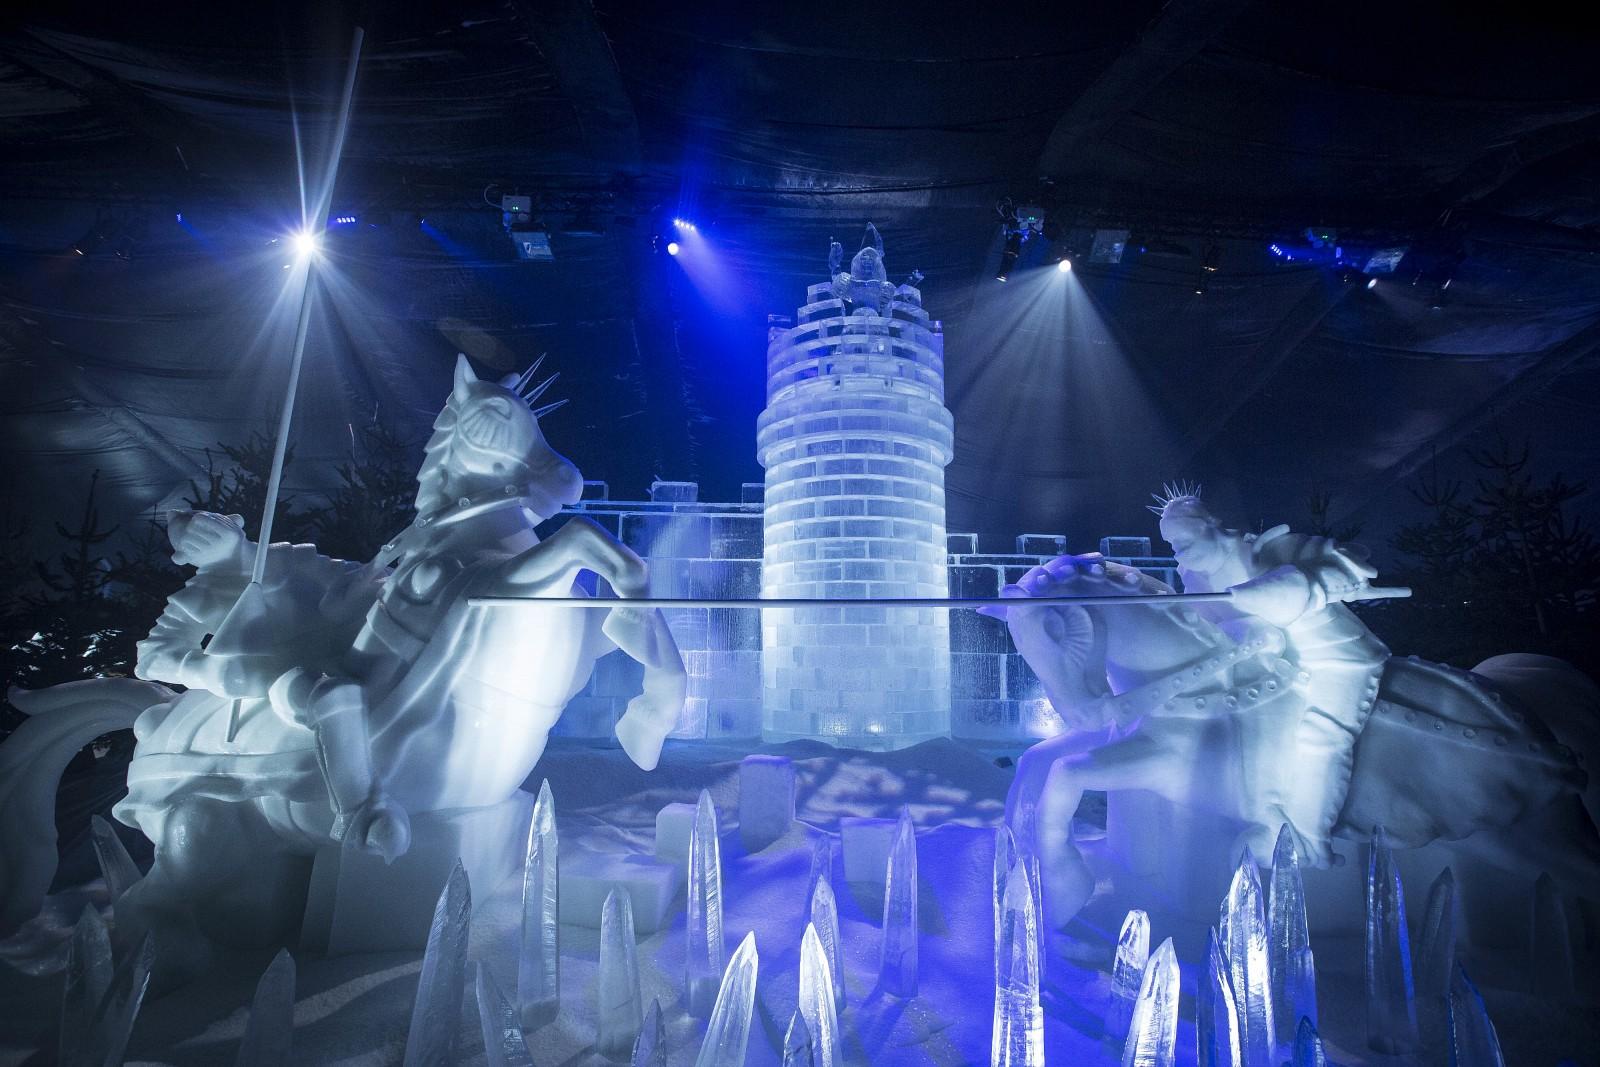 Le incredibili sculture di ghiaccio di Winter Wonderland.